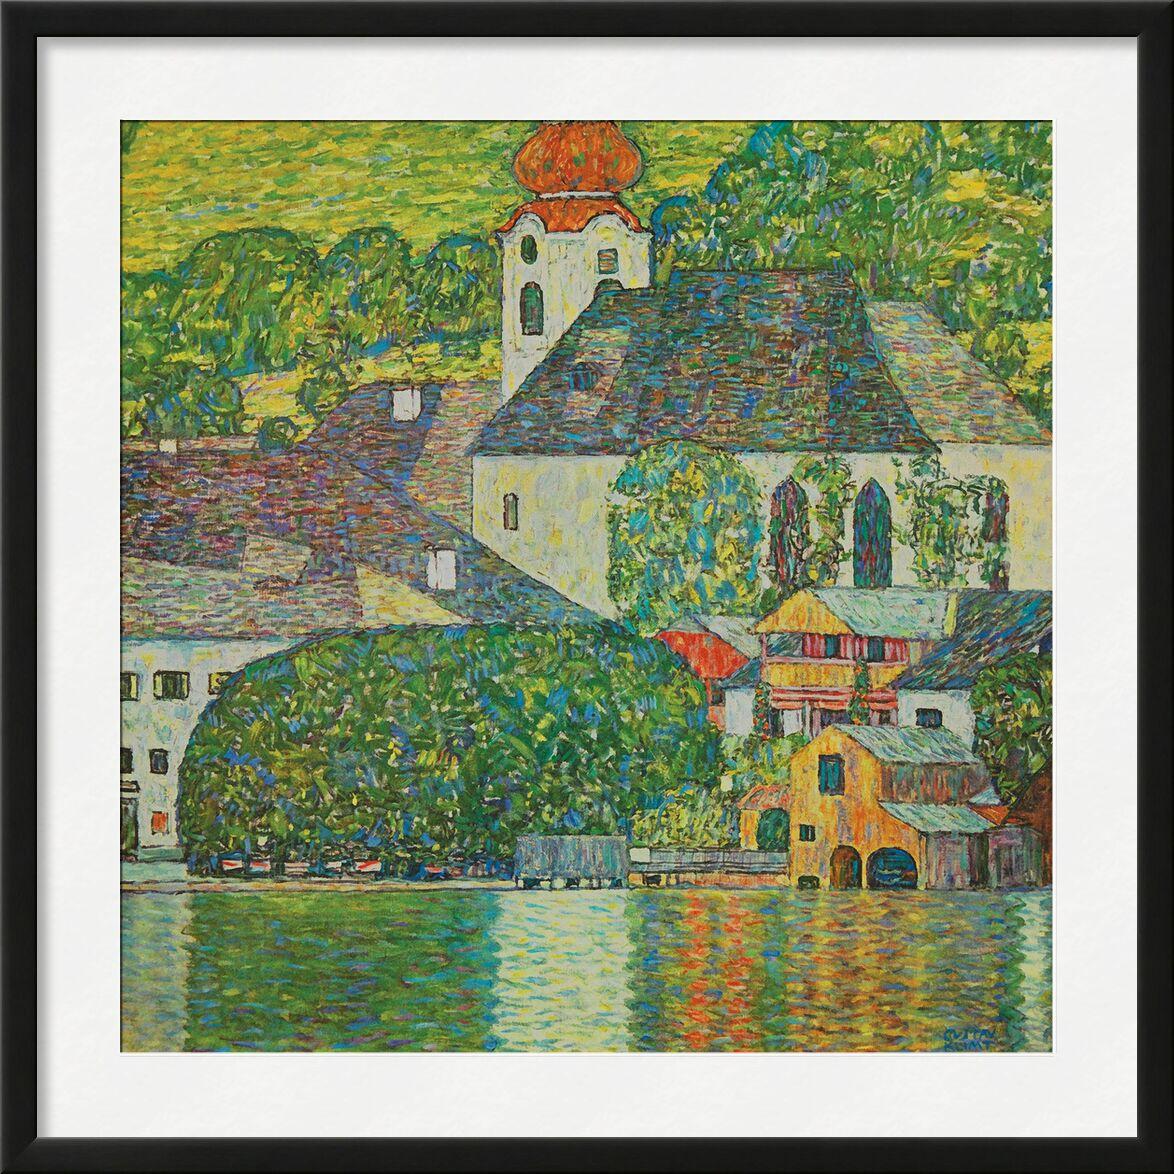 Église d'Unterach sur l'Attersee - Gustav Klimt de AUX BEAUX-ARTS, Prodi Art, KLIMT, église, peinture, nature, village